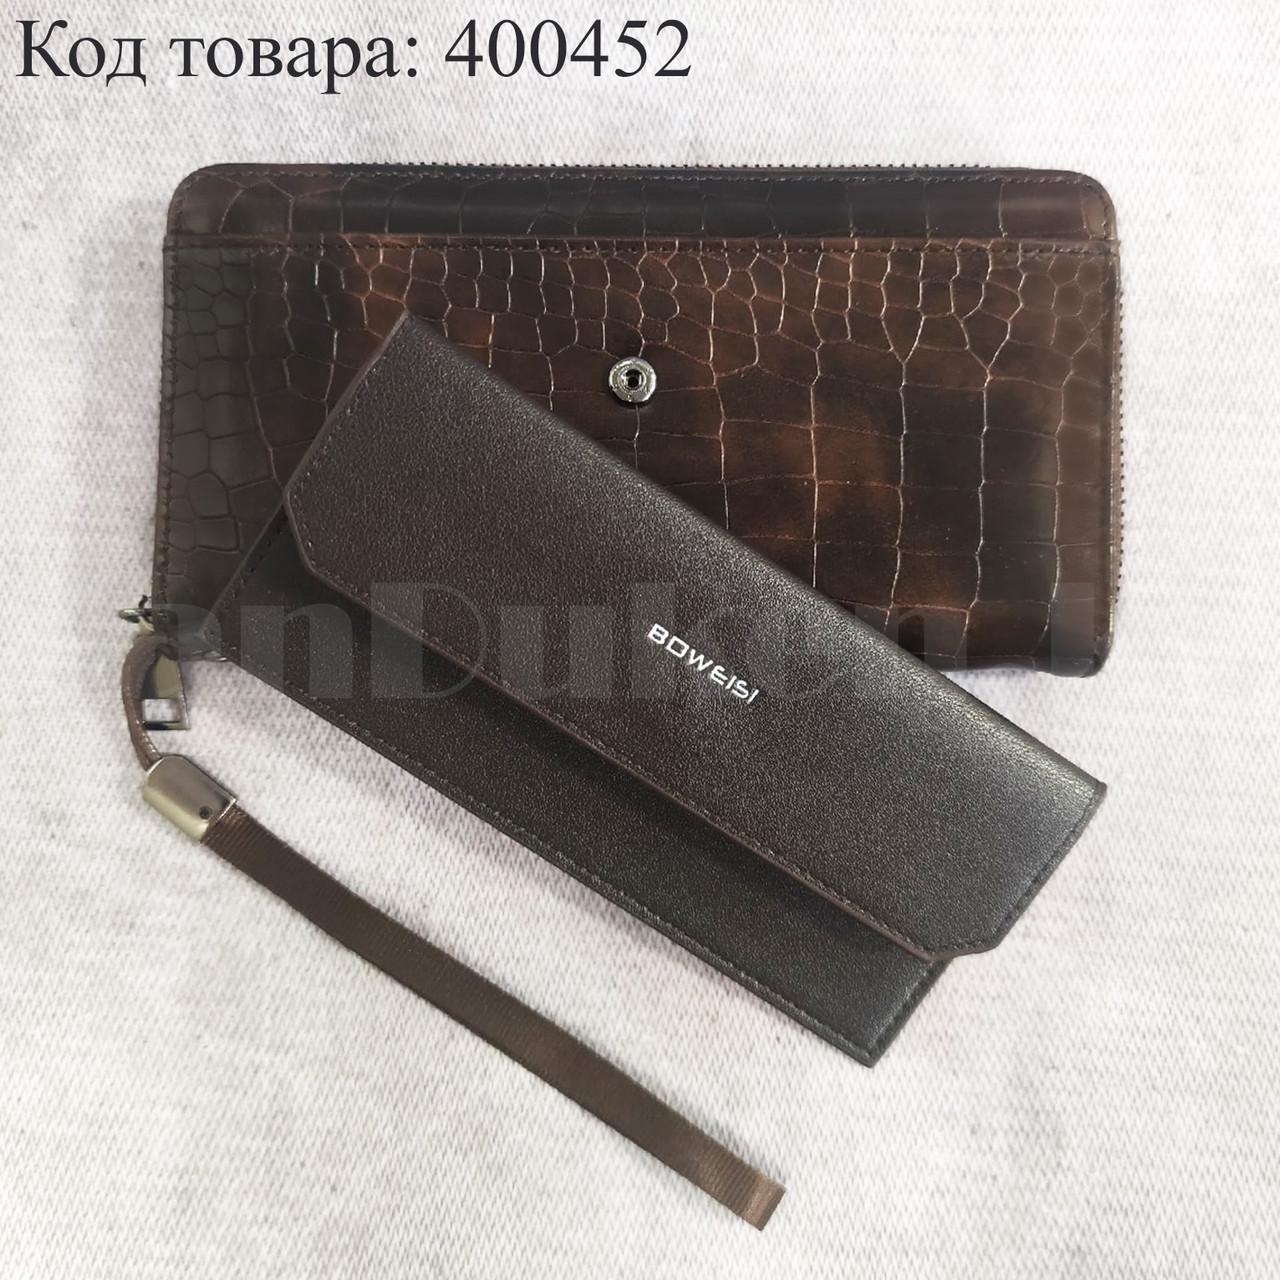 Портмоне со съемной визитницей кошелек кожаный темно-коричневый 341 - фото 1